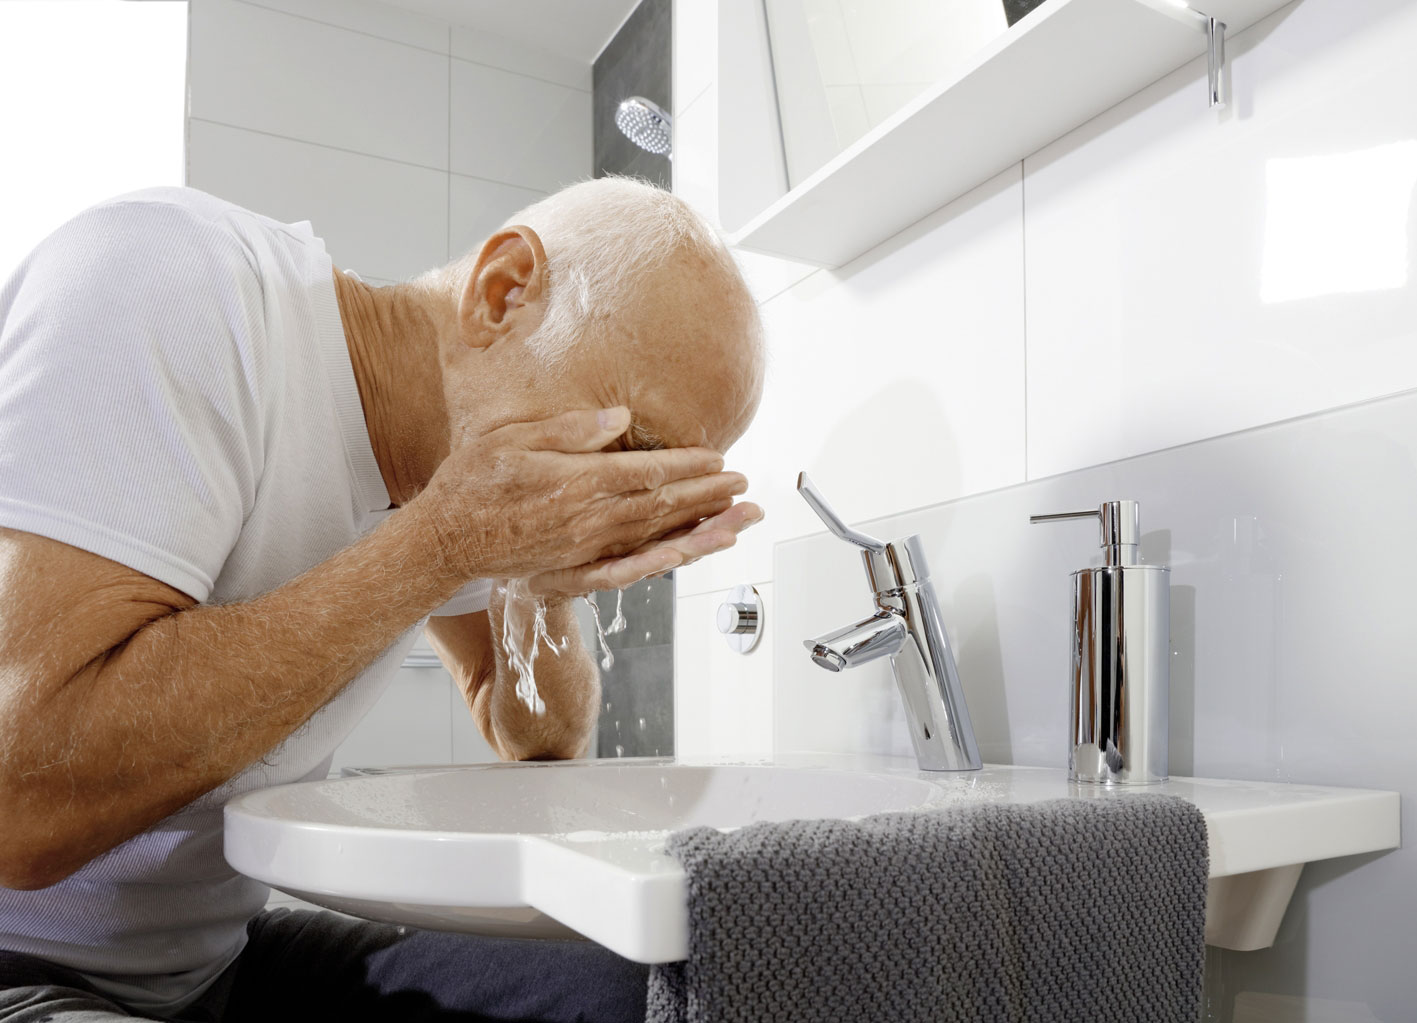 lazienka dla seniora rozwiazania sanitarne viega przystosowane do wieku uzytkownikow4 - Łazienka dla seniora - rozwiązania sanitarne Viega przystosowane do wieku użytkowników